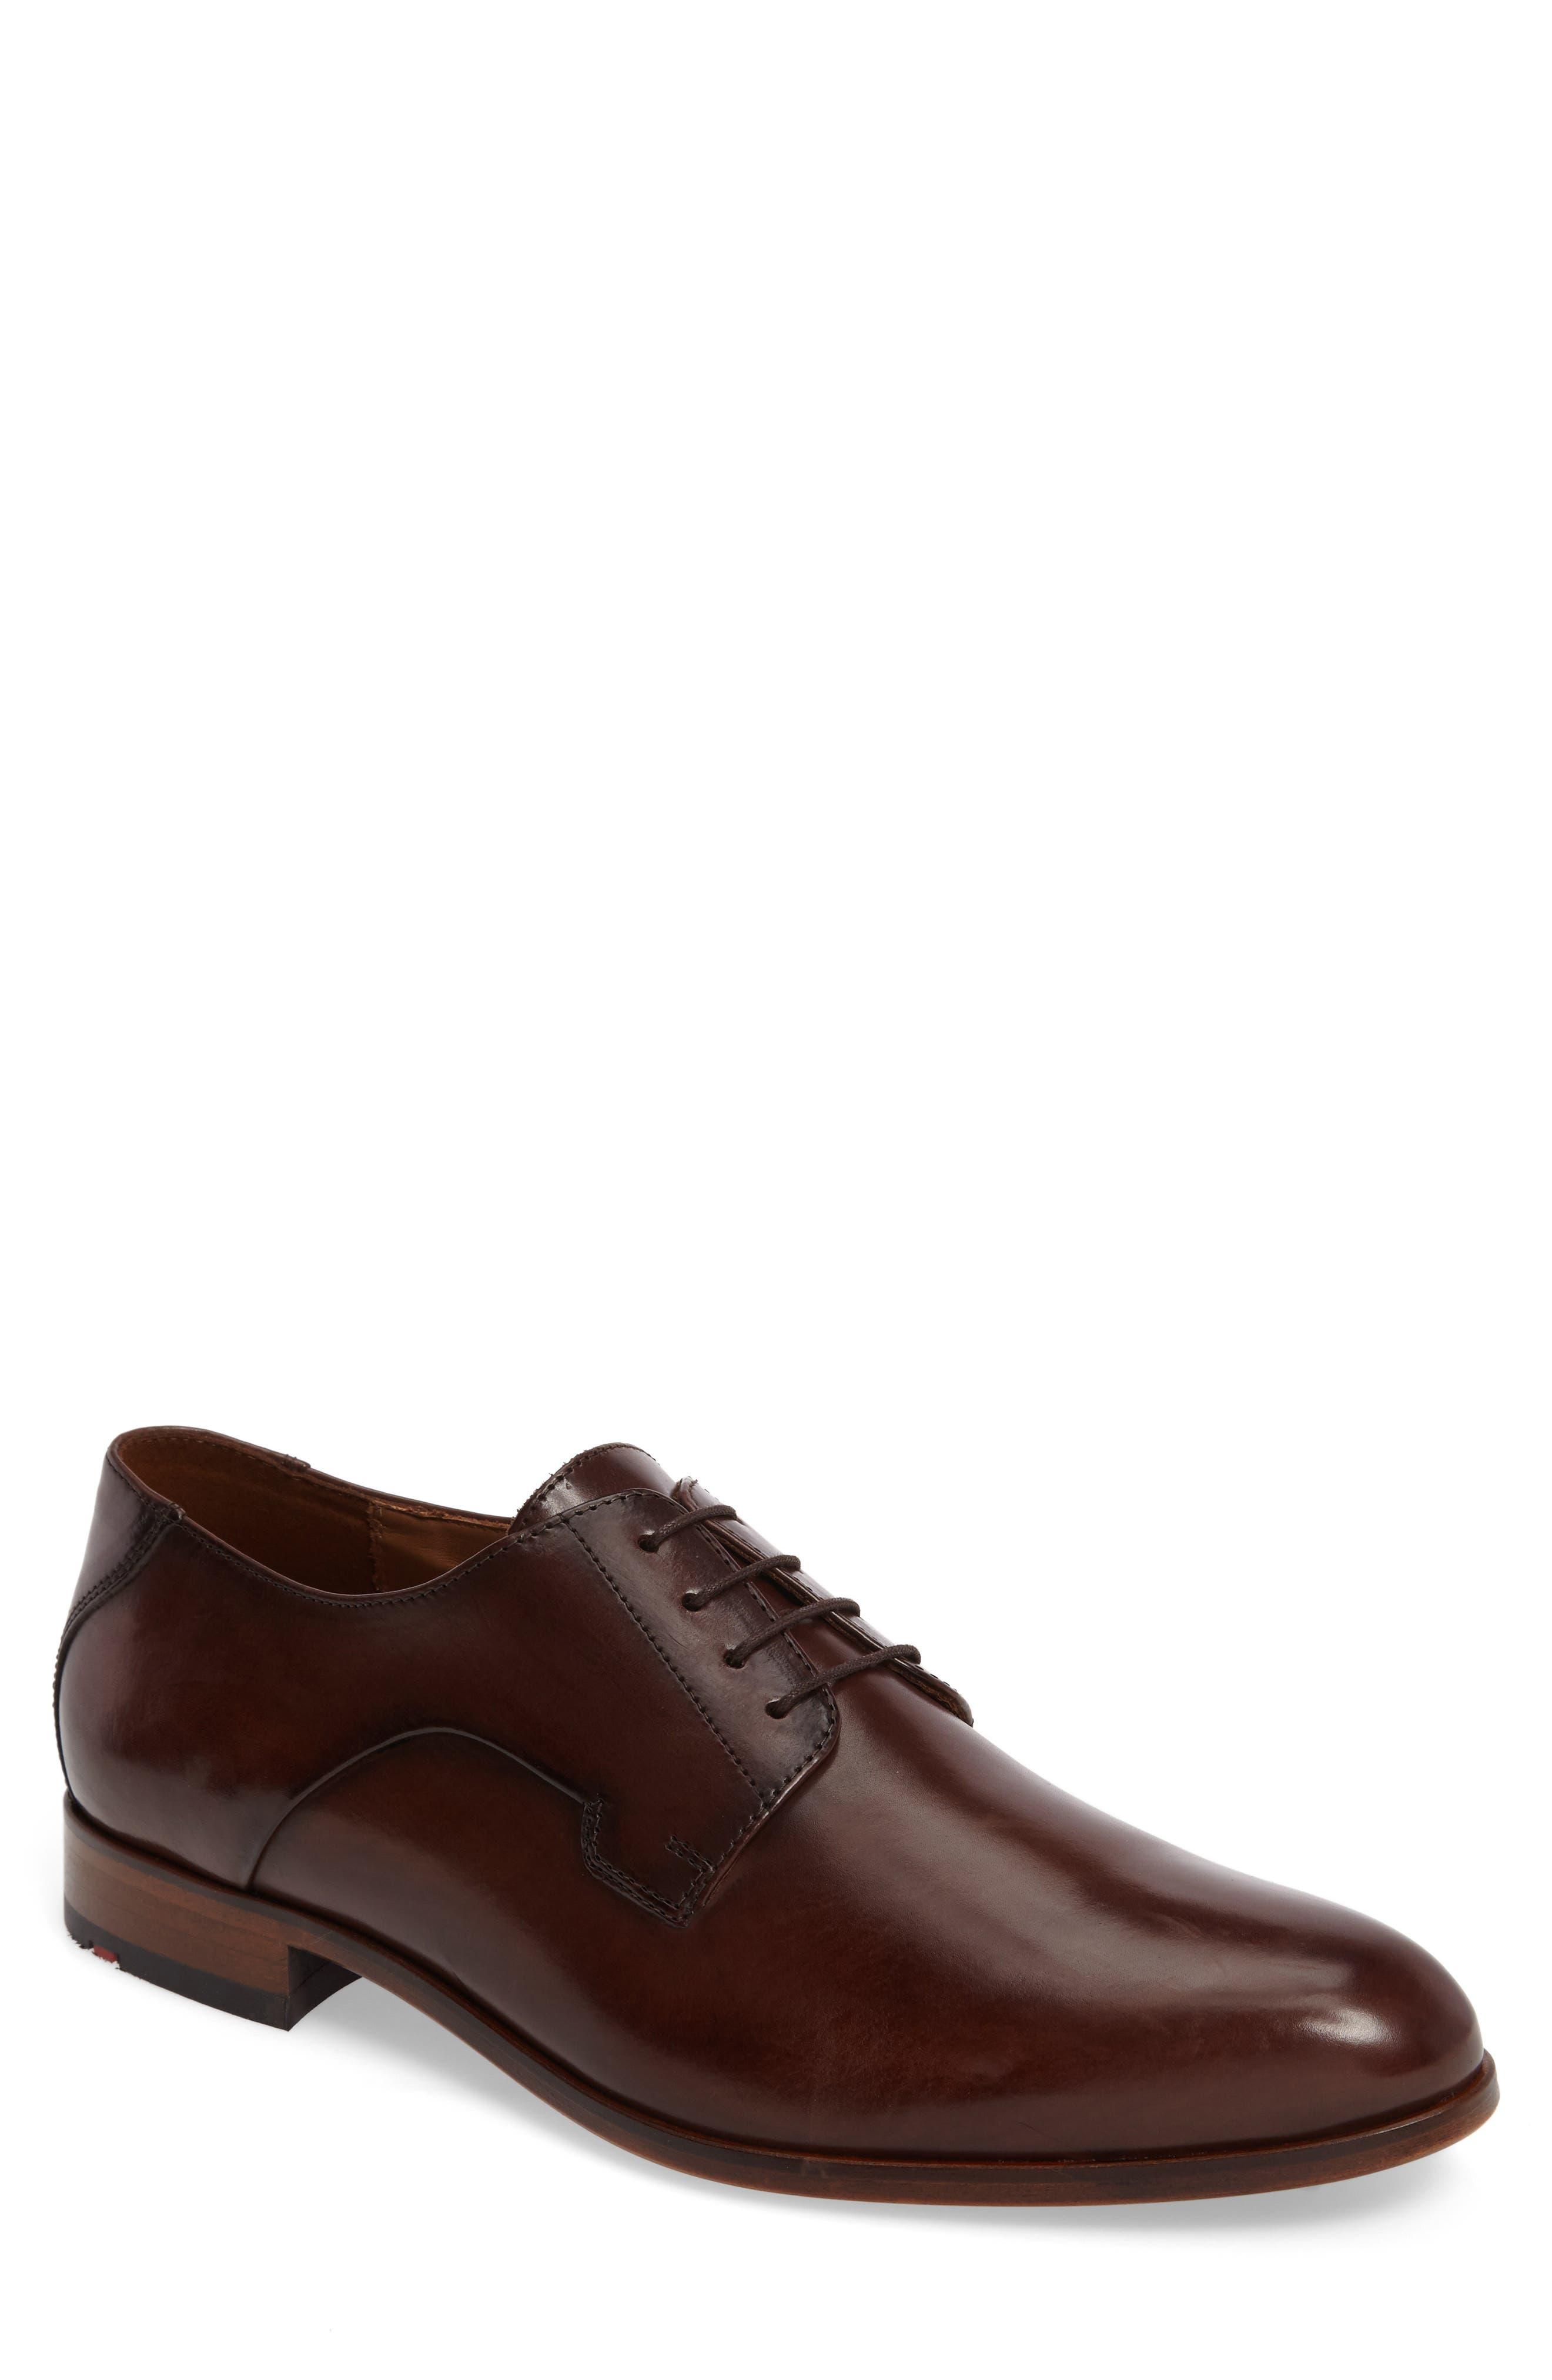 Mannex Plain Toe Derby,                         Main,                         color, T.D.Moro Leather